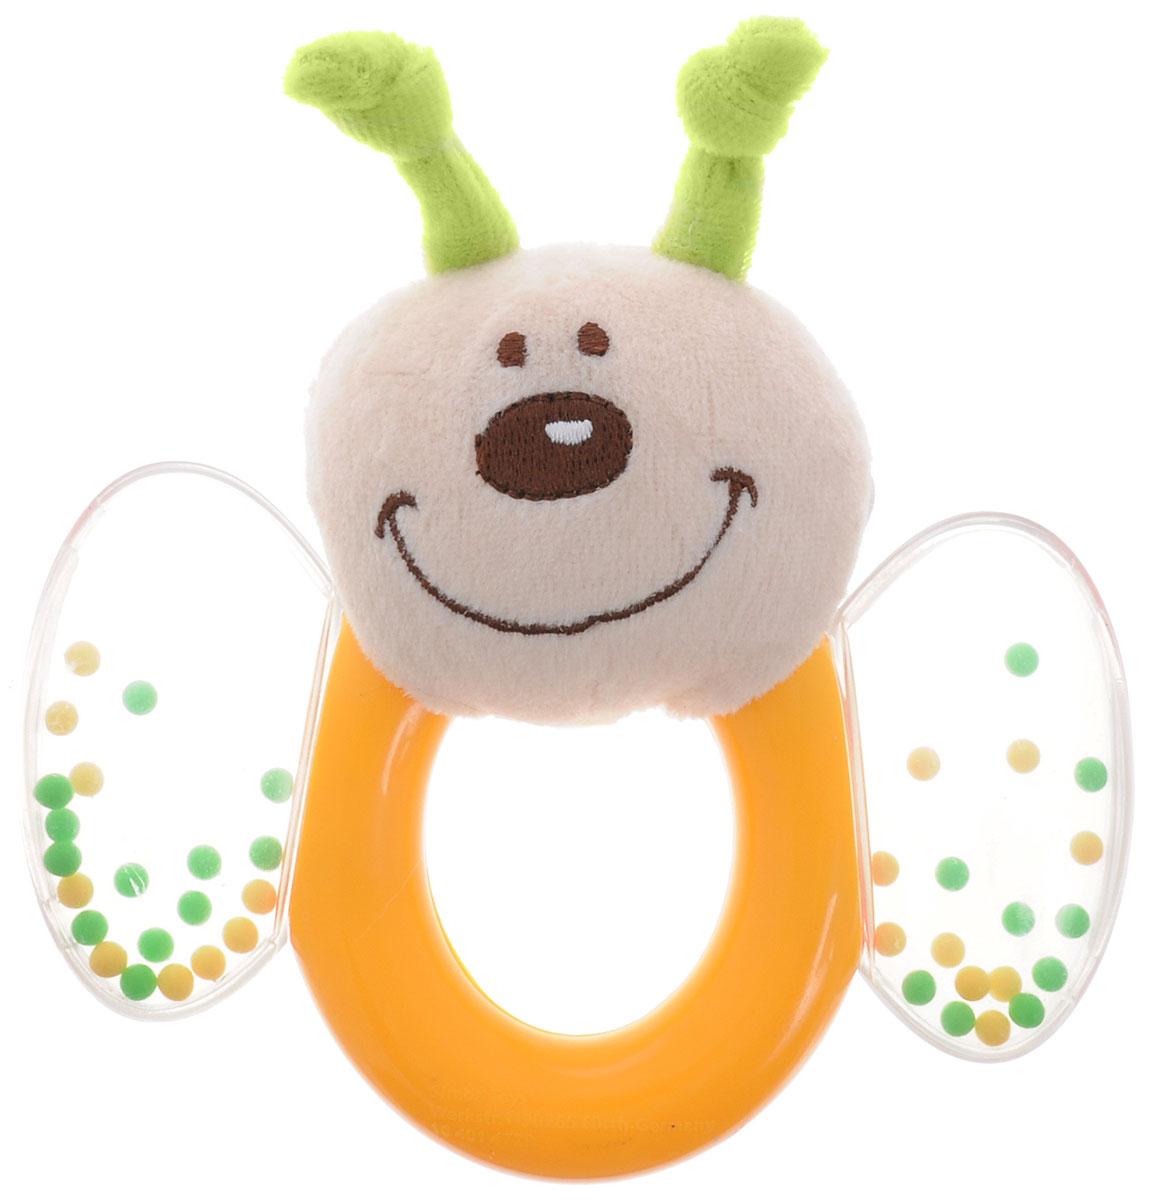 Simba Погремушка Насекомые цвет желтый салатовый4014729Замечательная игрушка-погремушка Simba Насекомые, несомненно, вызовет улыбку и положительные эмоции у вашего малыша. Состоит погремушка из кольца, прозрачных крылышек с гремящими шариками и мягкой мордочки насекомого. Погремушка сочетает в себе яркие элементы с различными функциональными возможностями. Кольцо очень удобно для захвата маленькими детскими пальчиками, поэтому при помощи этой игрушки малыша будет легко научить удерживать предметы. В игровой форме малыш ознакомится с такими понятиями, как звук, цвет и форма предмета. Благодаря данной игрушке ребенок будет развивать мелкую моторику и воображение.